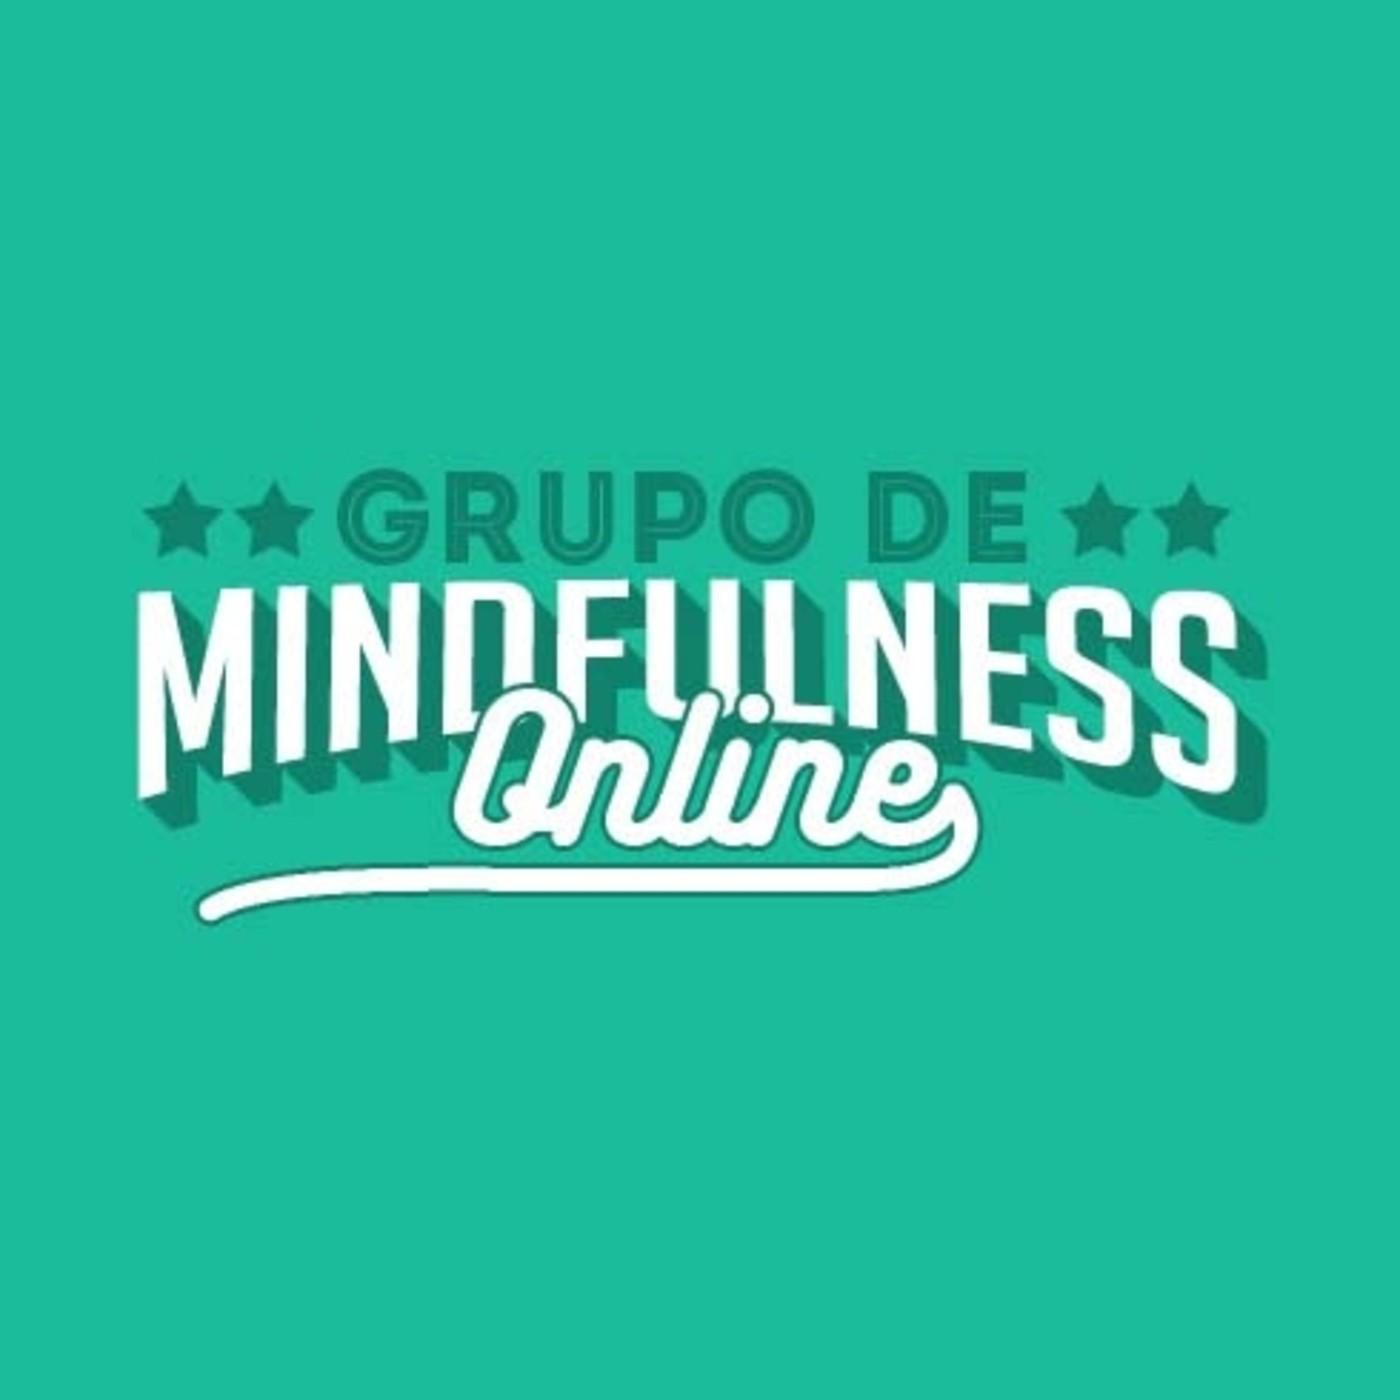 <![CDATA[Grupo de mindfulness online]]>